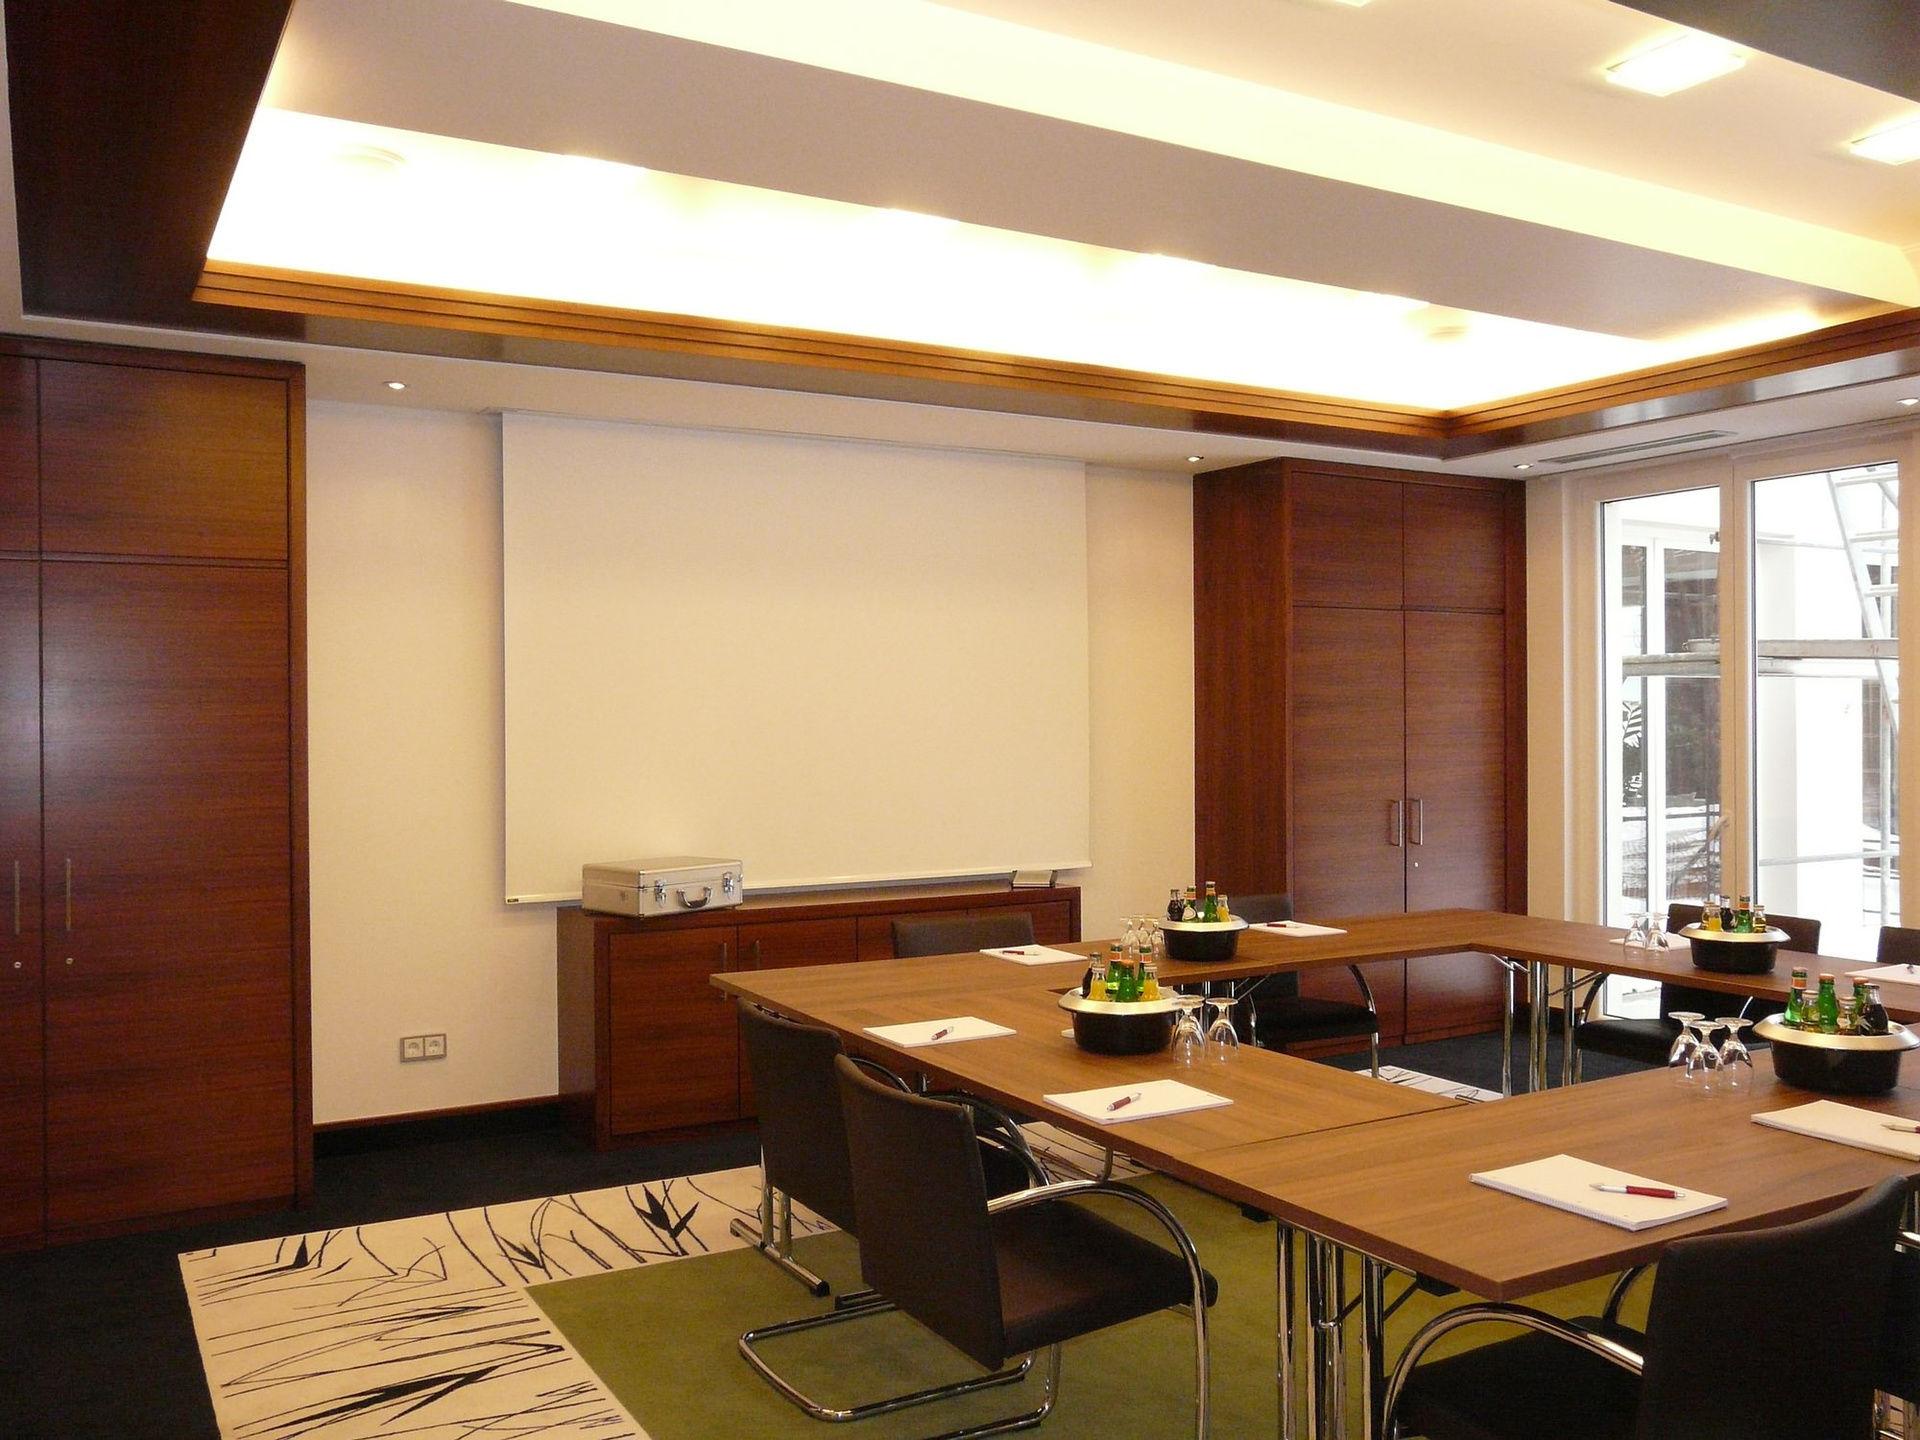 Tagungshotel Nurnberg Tagungen Konferenzen Seminare Nurnberger Land